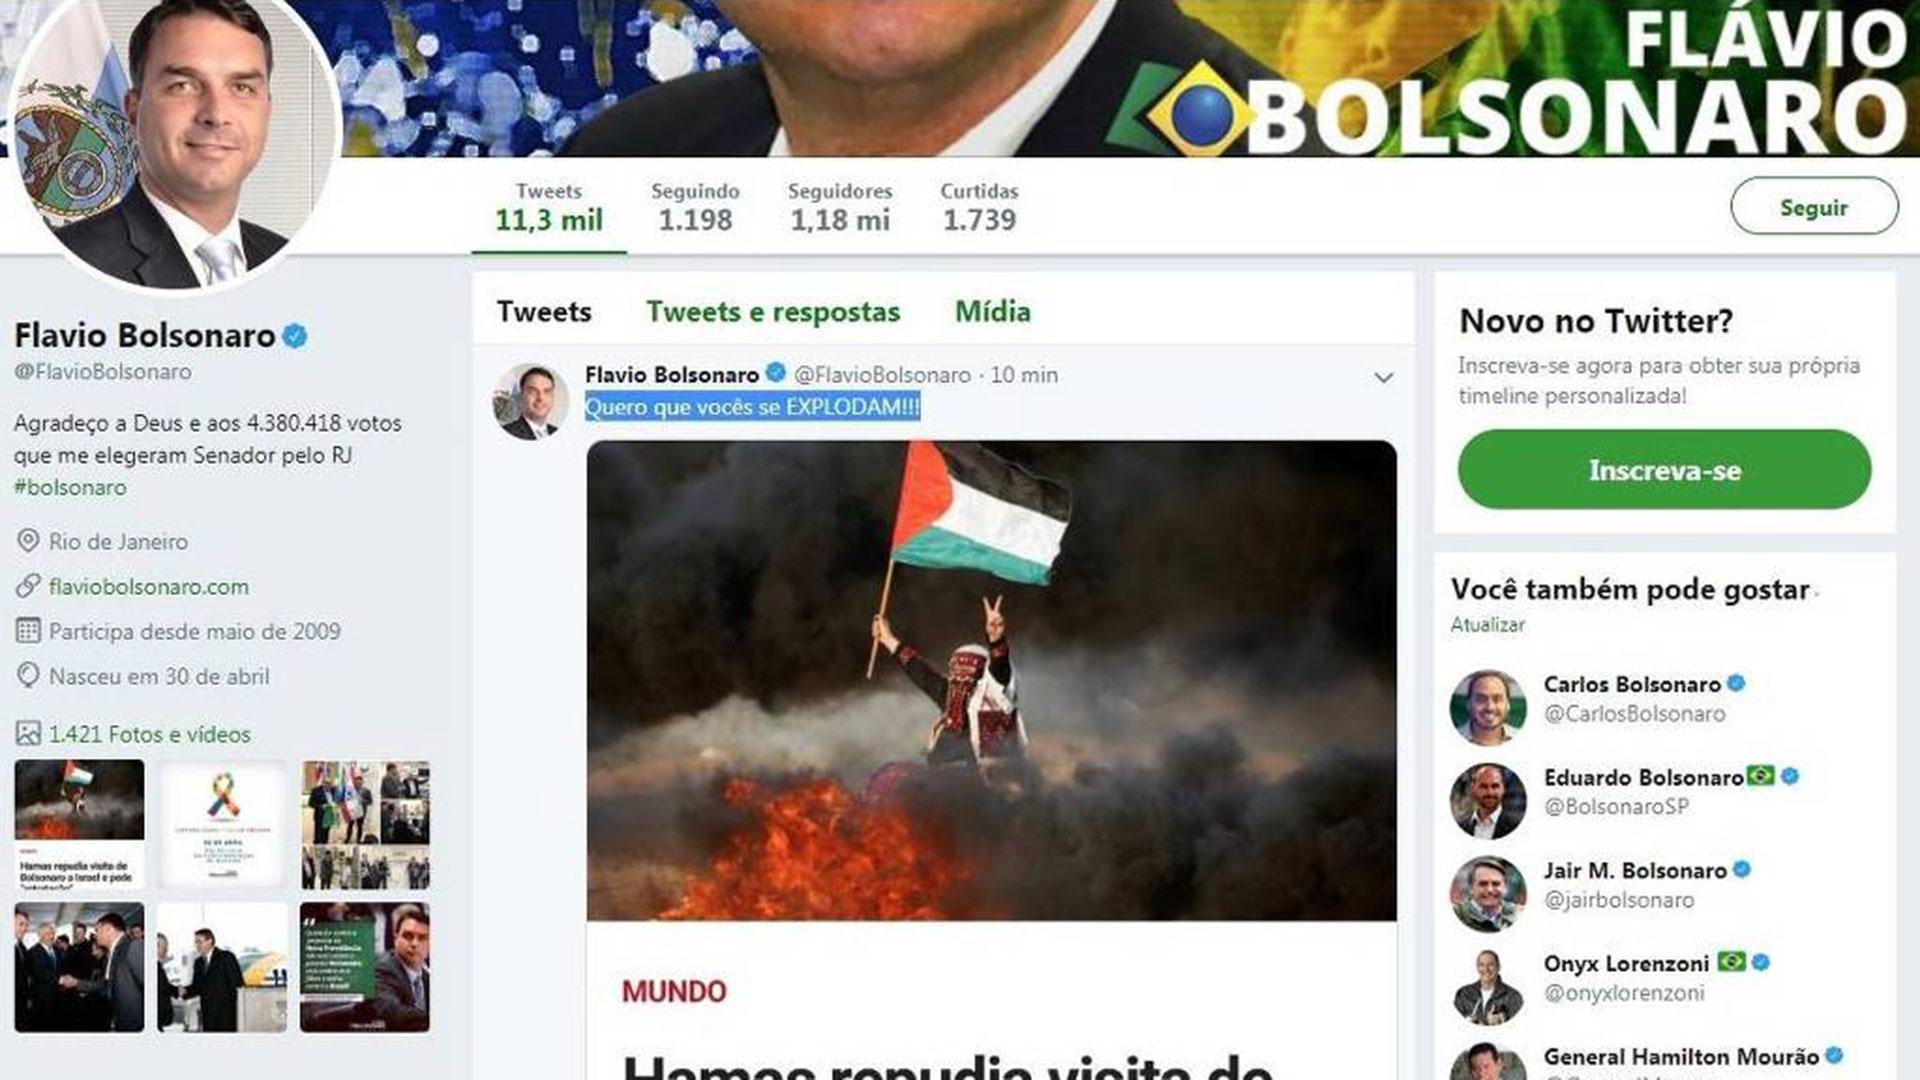 La publicación de Flavio Bolsonaro en Twitter que luego borró